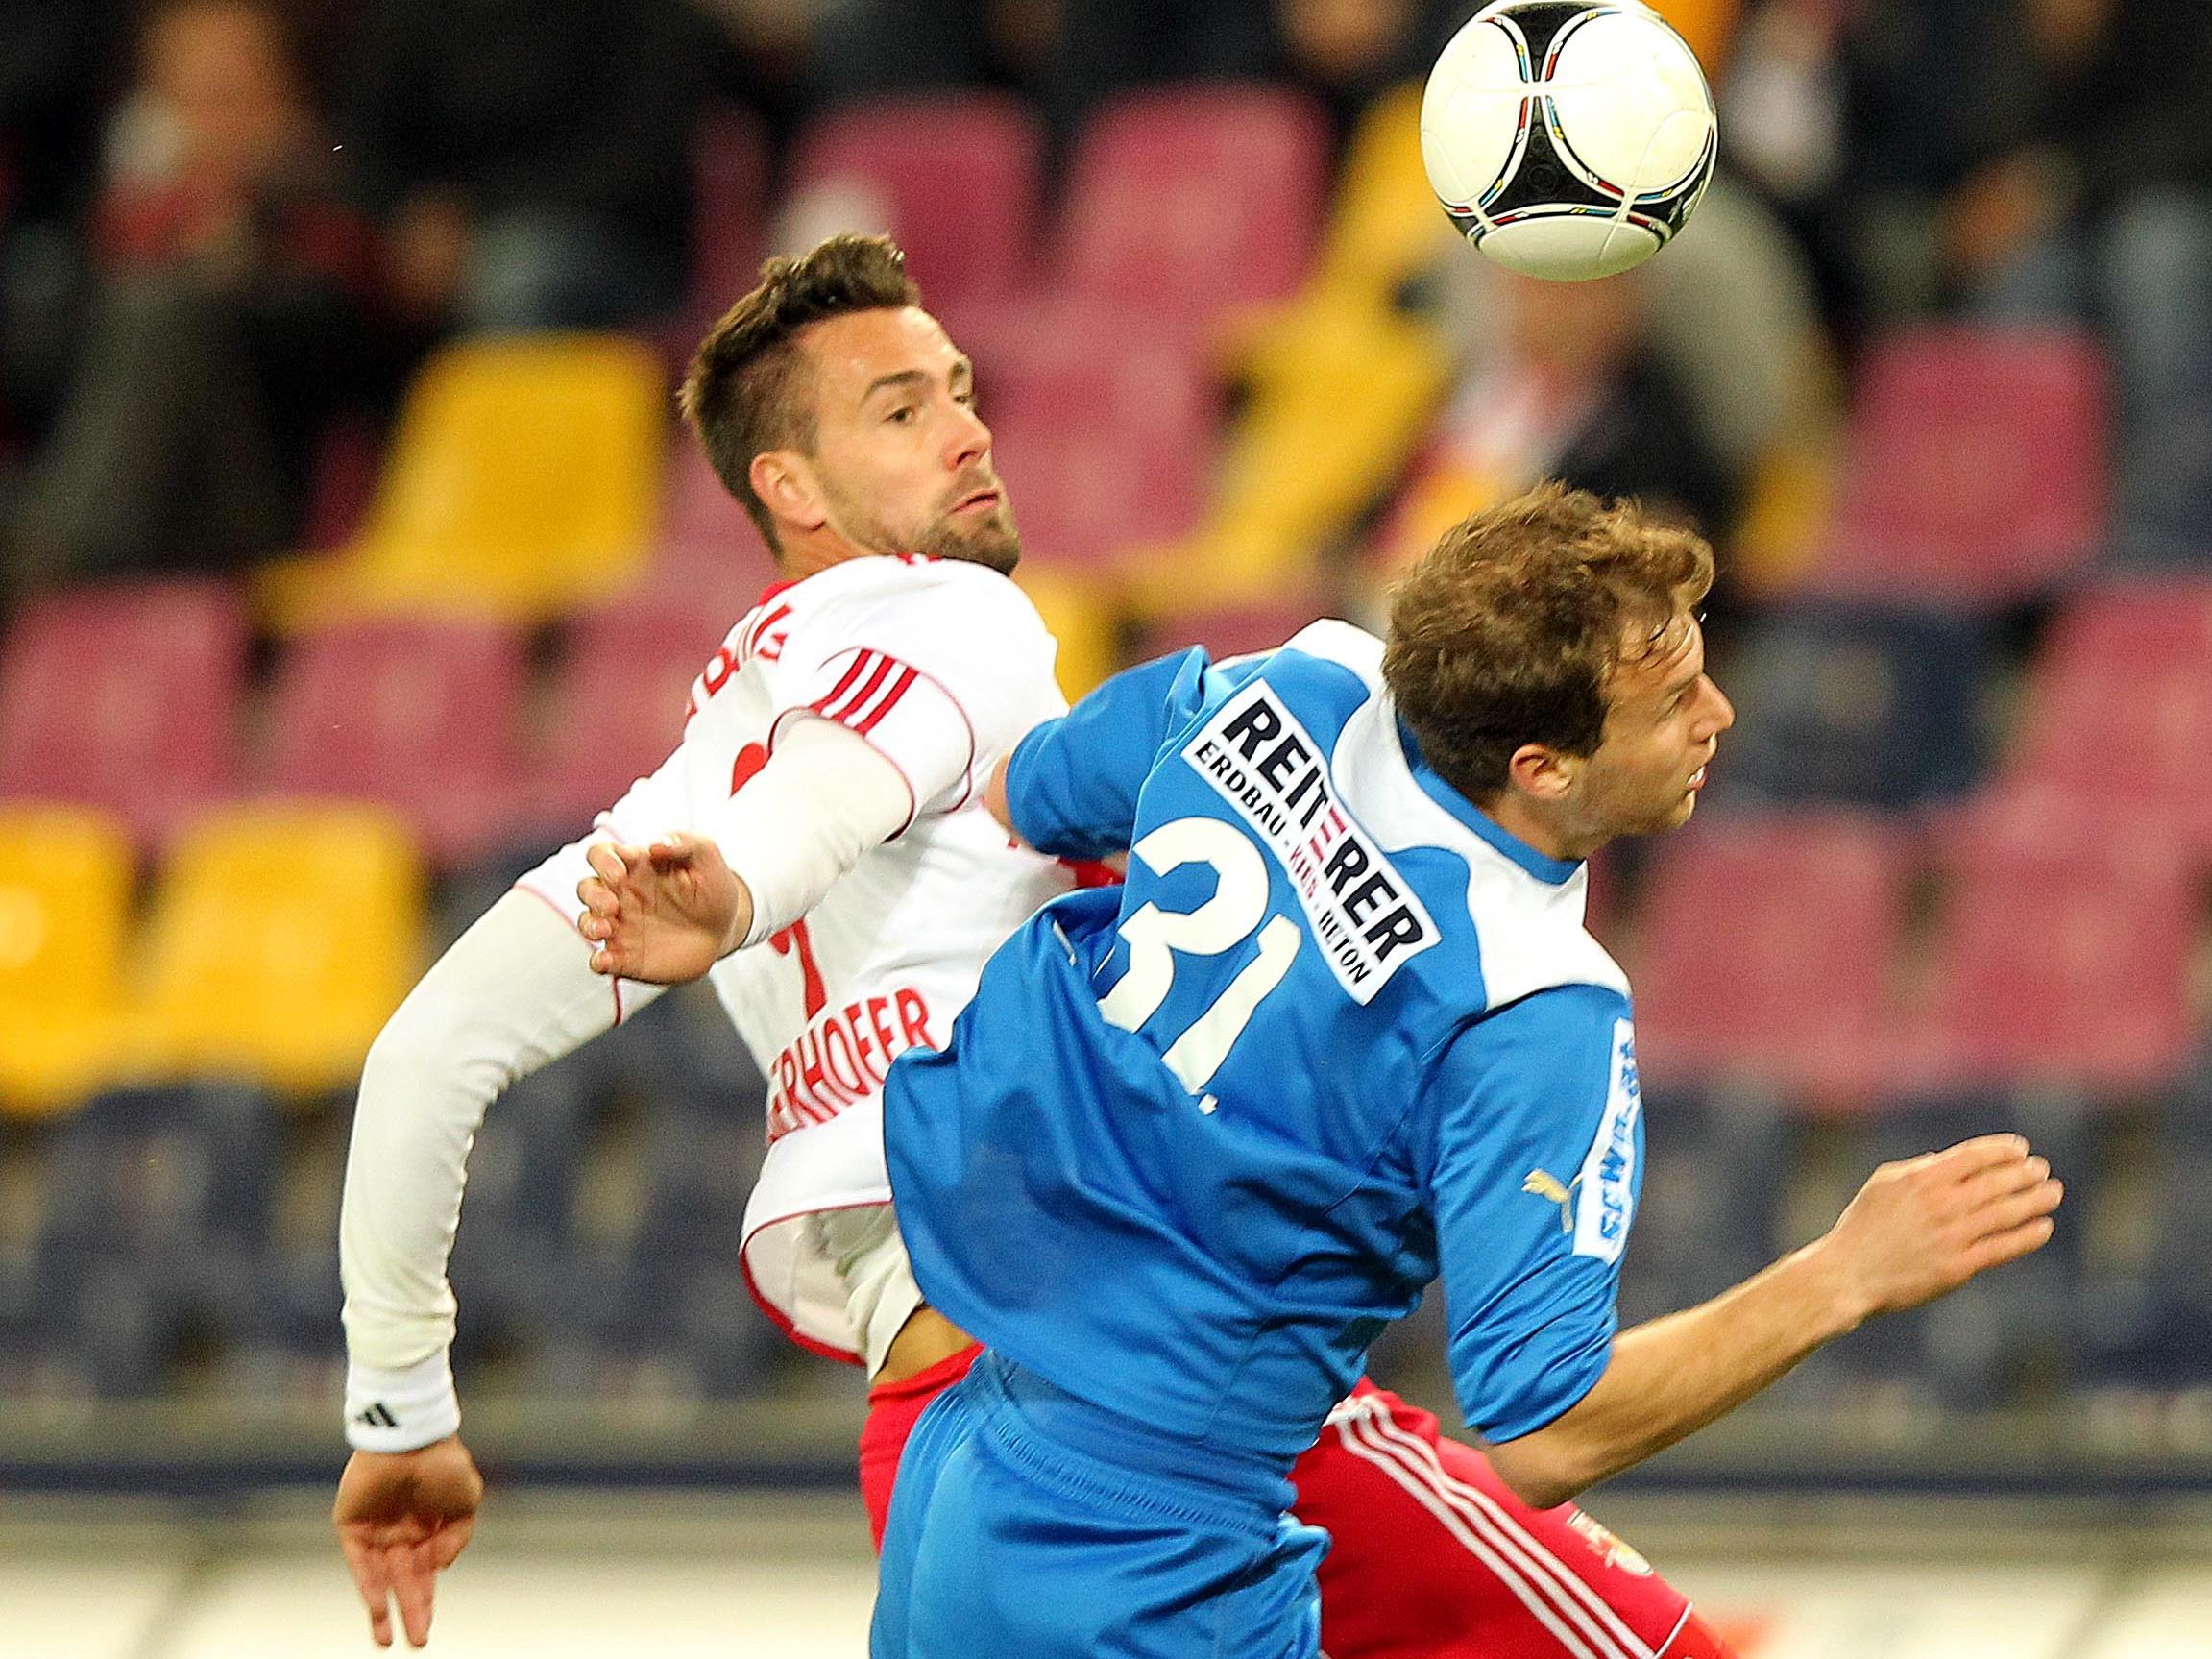 Vor lediglich 4800 Zuschauern besiegte Red Bull Salzburg die Wiener Neustädter.